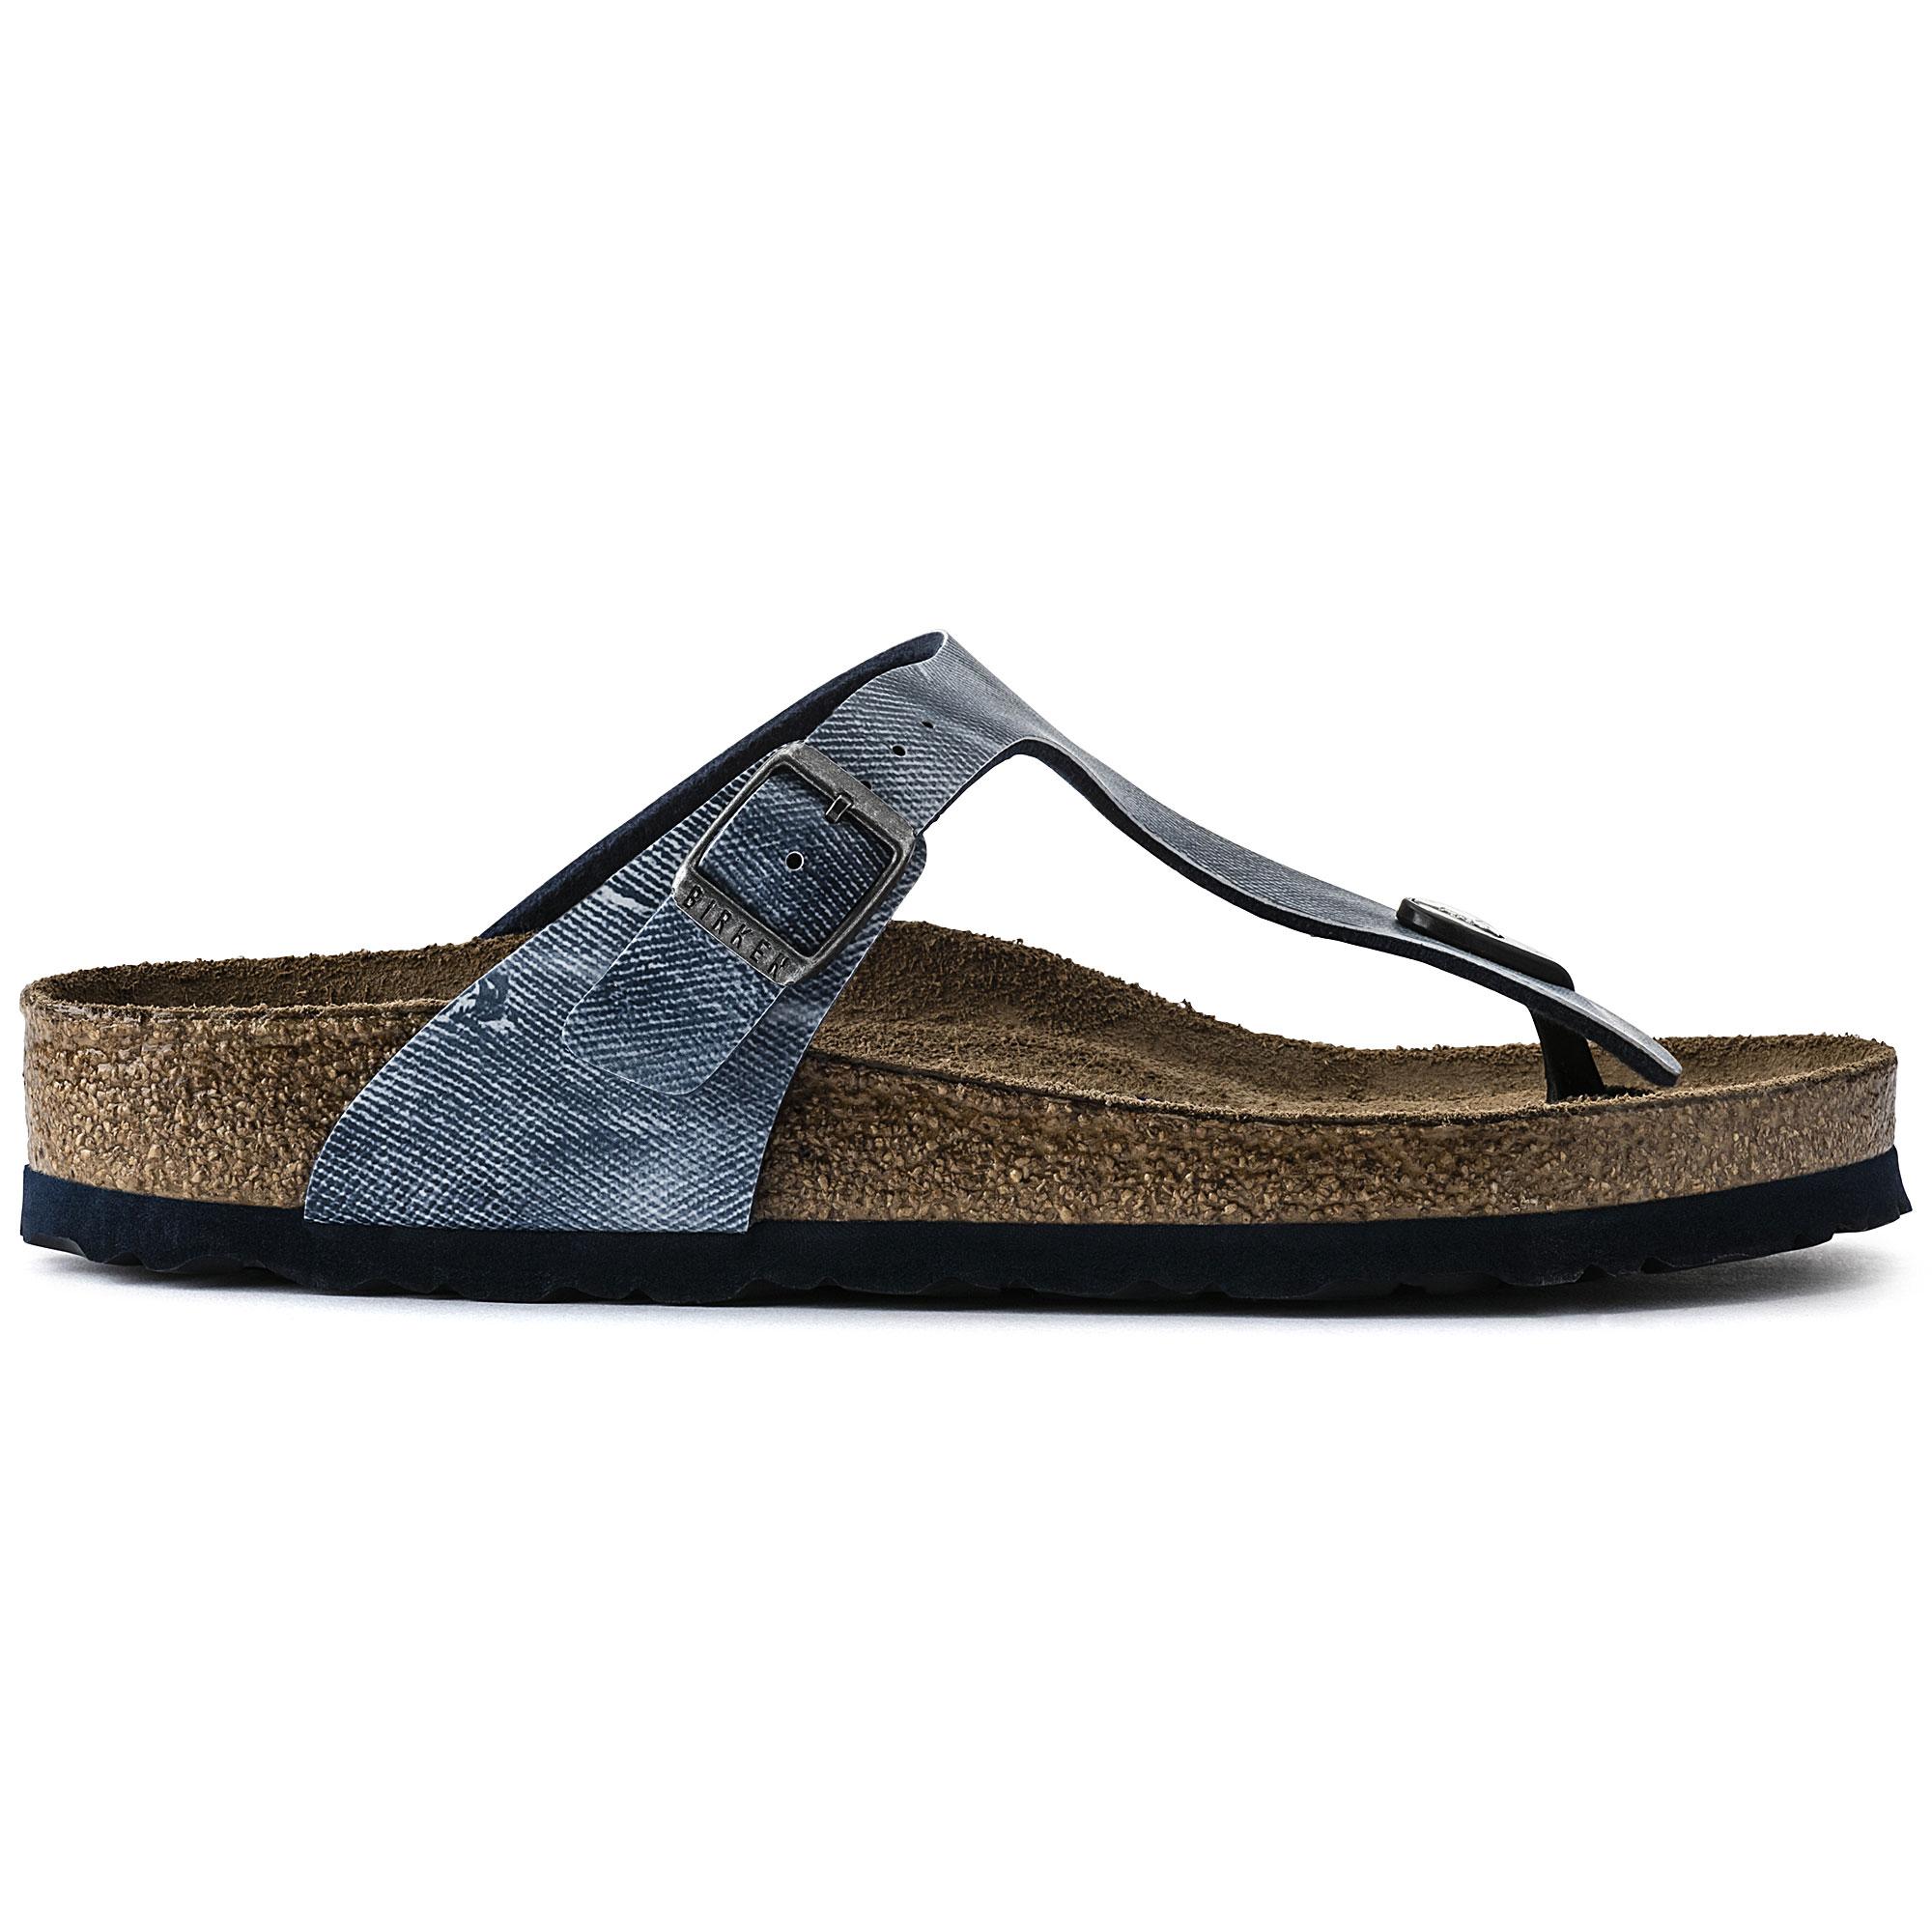 d5b10c1c4c7d27 ... Gizeh Birko-Flor Jeans Washed Out Blue ...